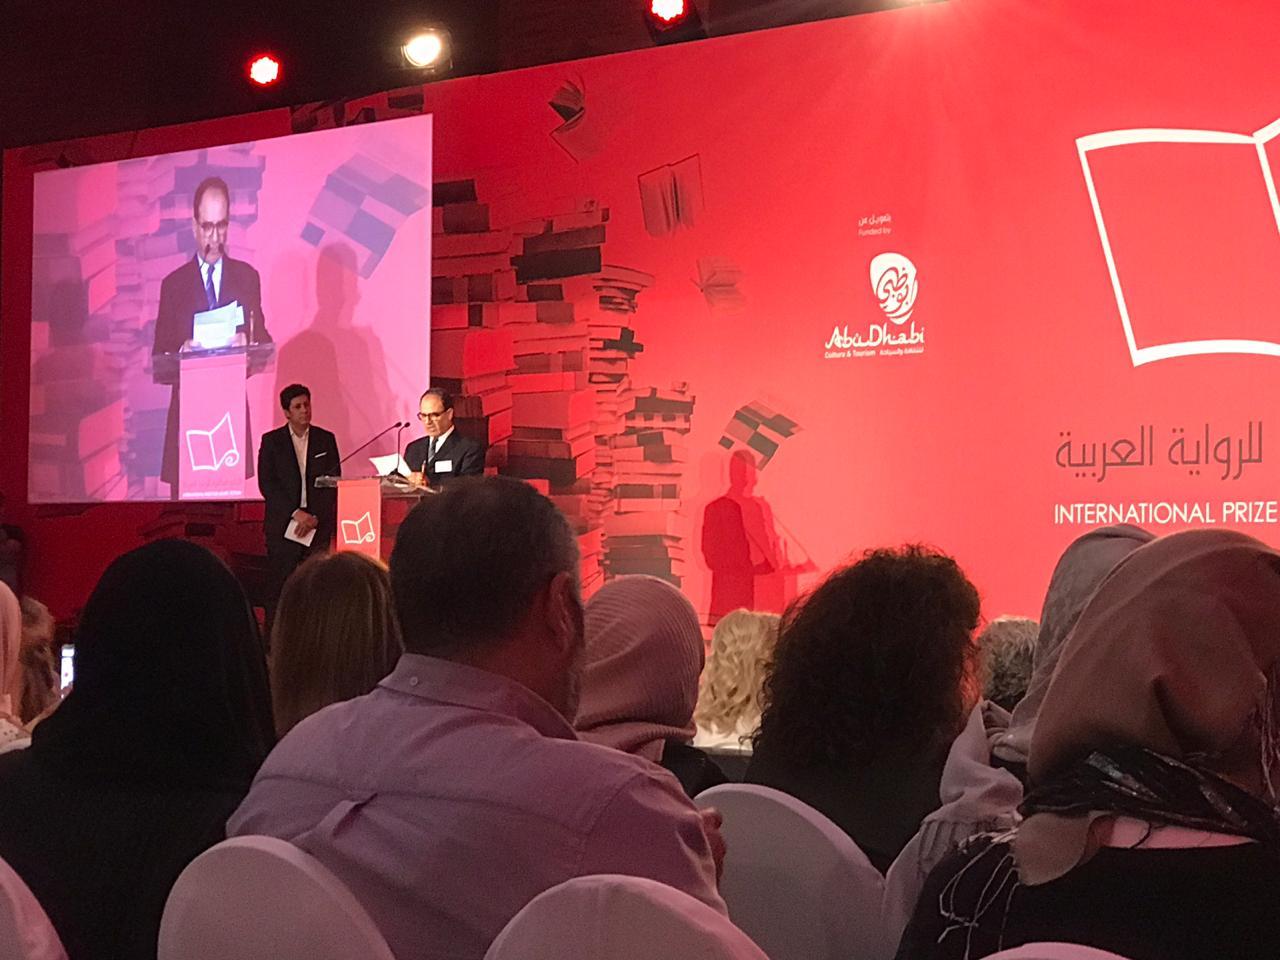 حفل إعلان الرواية الفائزة جائزة البوكر 2019 للرواية العربية (1)